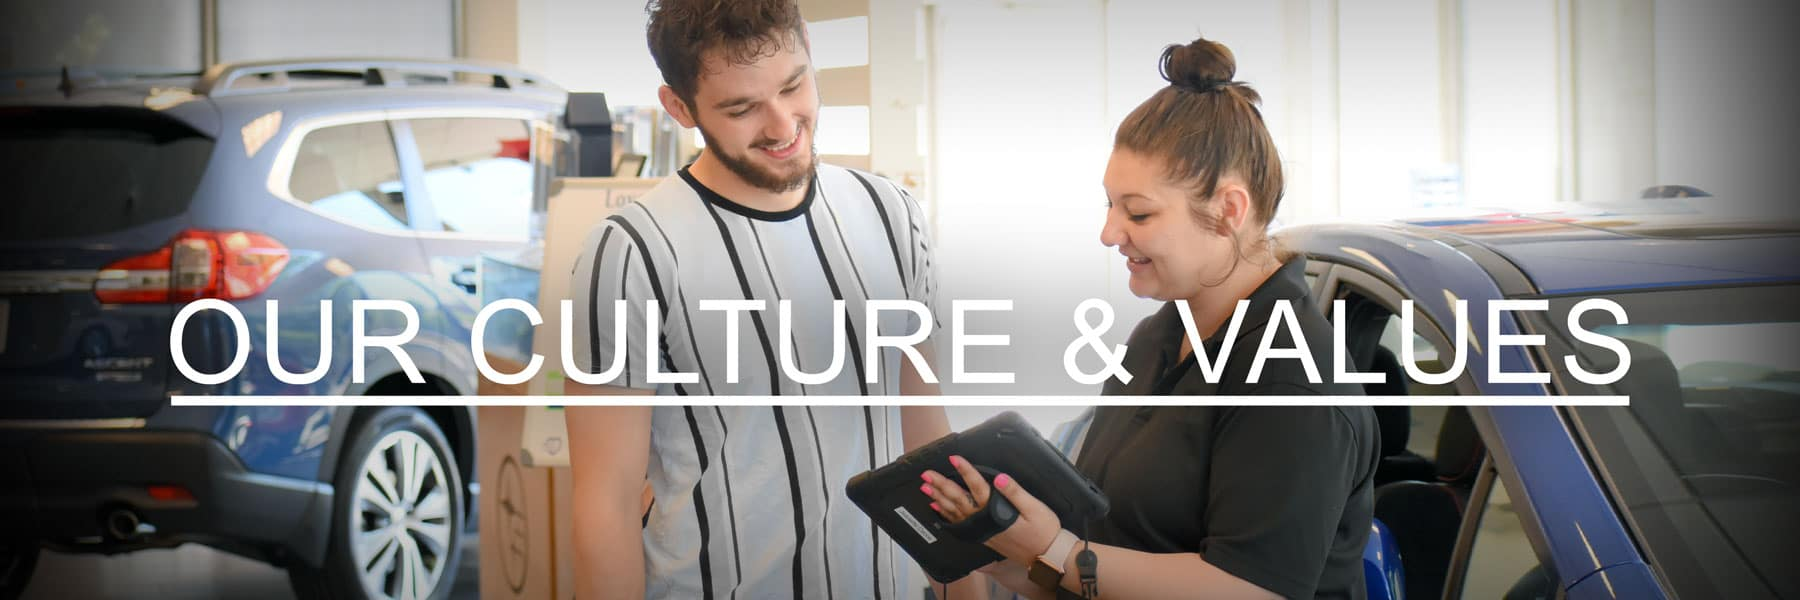 Culture-&-values-8.1